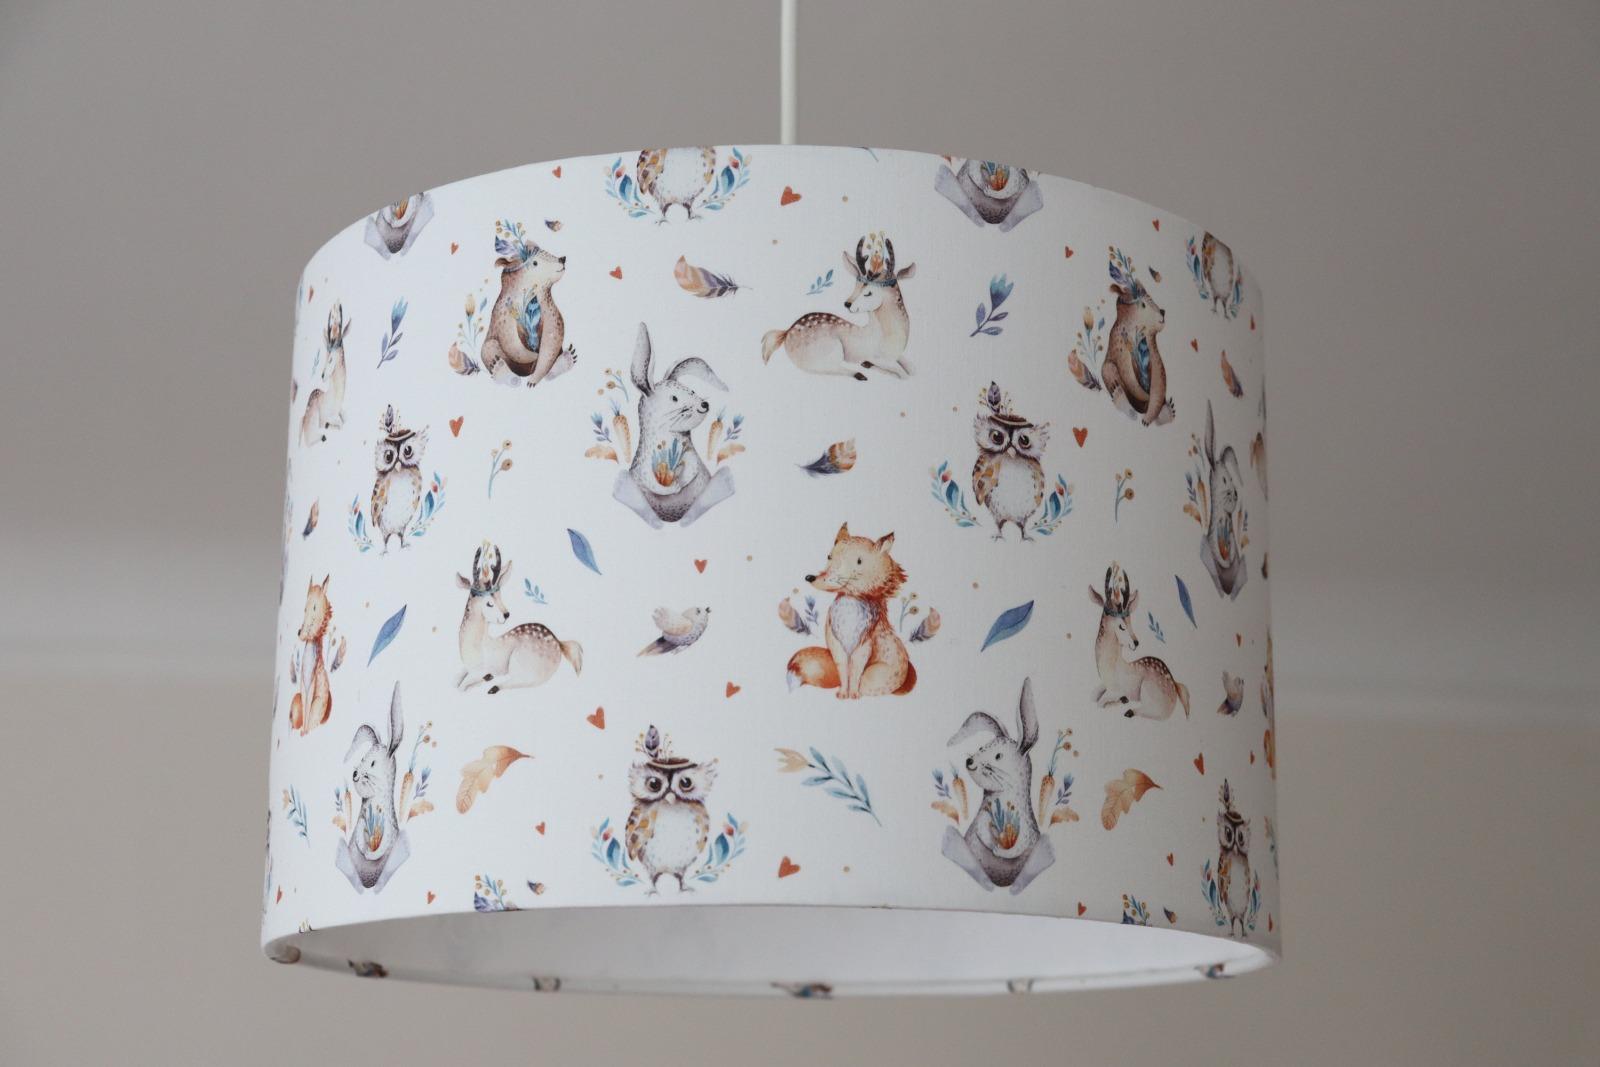 Lampenschirm Kinderzimmer Deckenleuchte Waldtiere Kinderzimmerlampe Boho